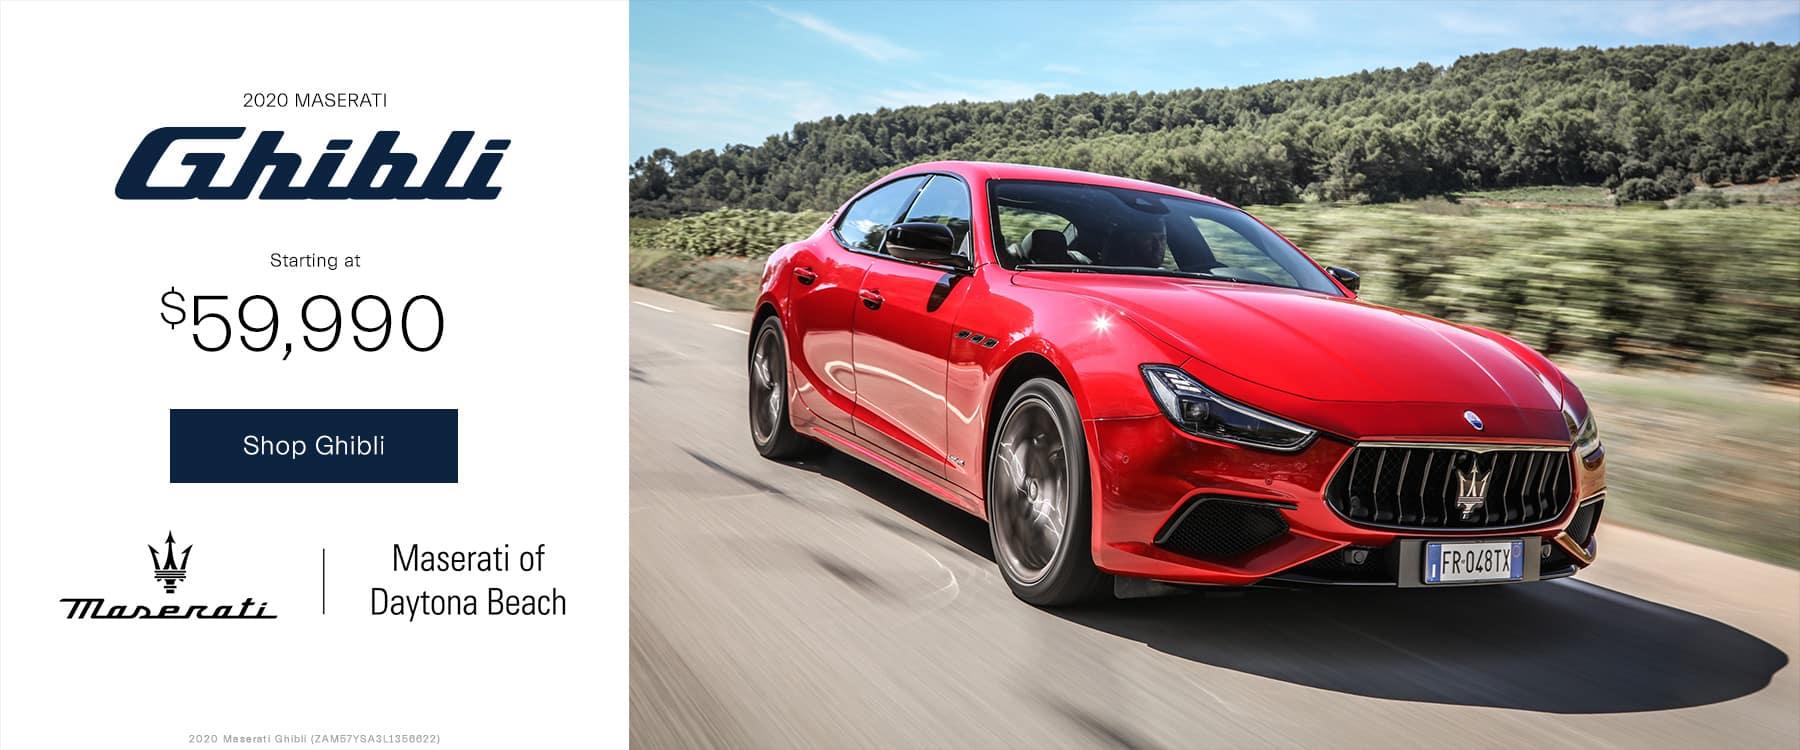 DMAR-2105-Maserati-1800×750-01